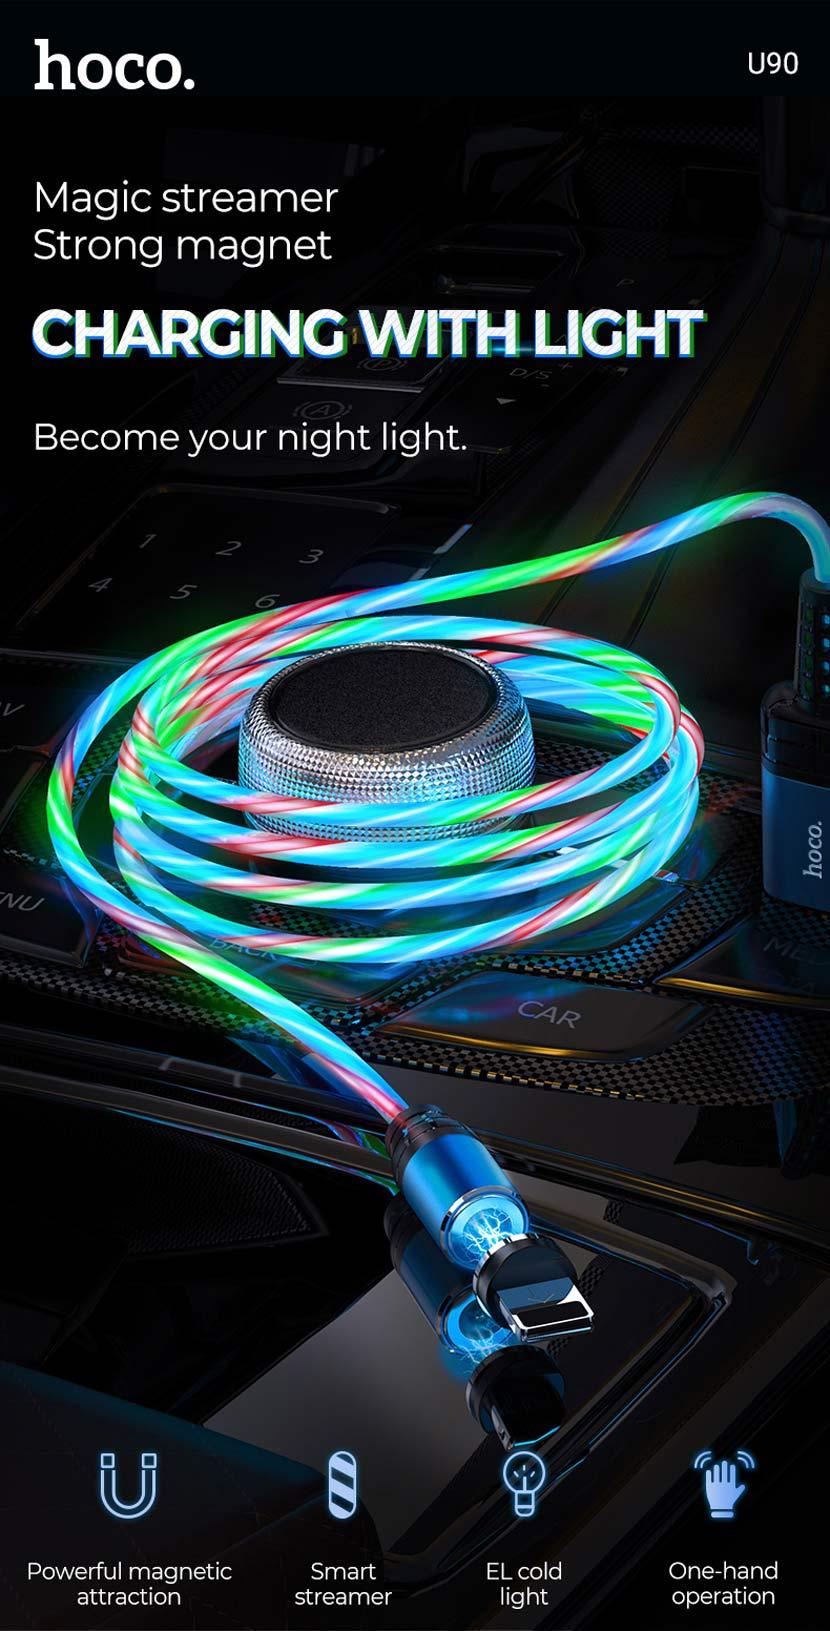 hoco news u90 ingenious streamer charging cable en